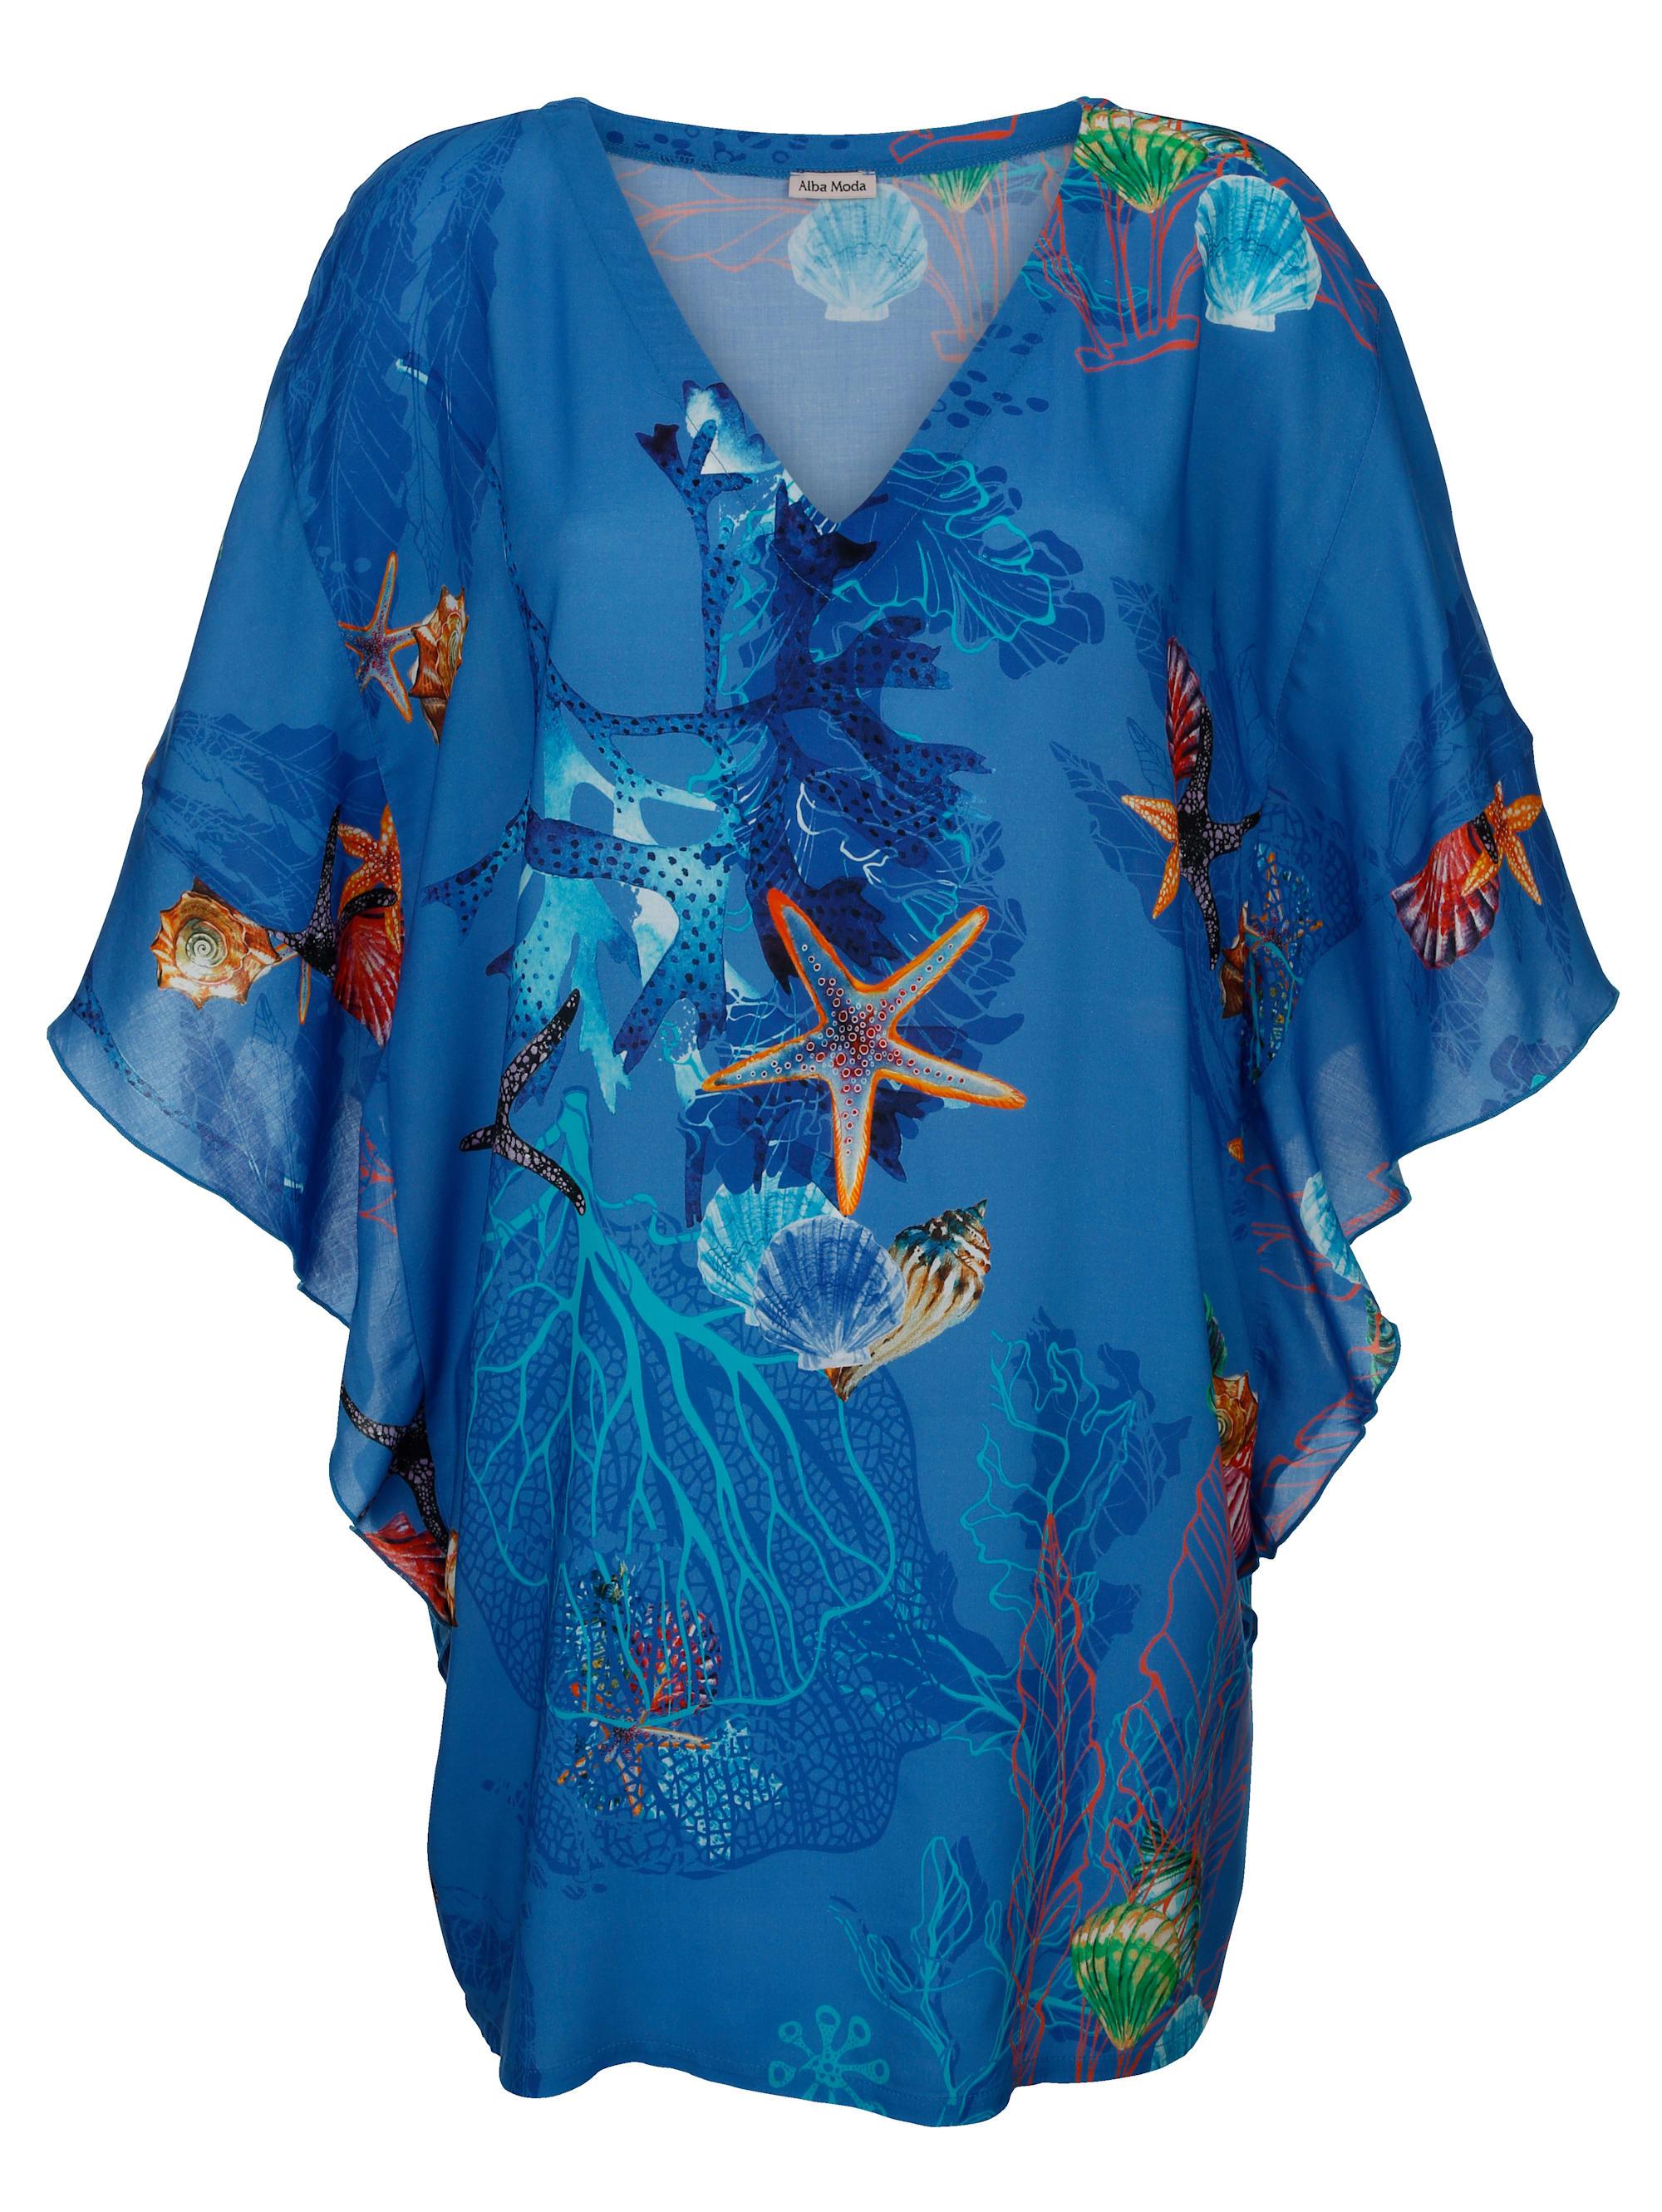 Alba Moda Strandshirt mit Unterwassermotiven zvNx7 lJ8nQ